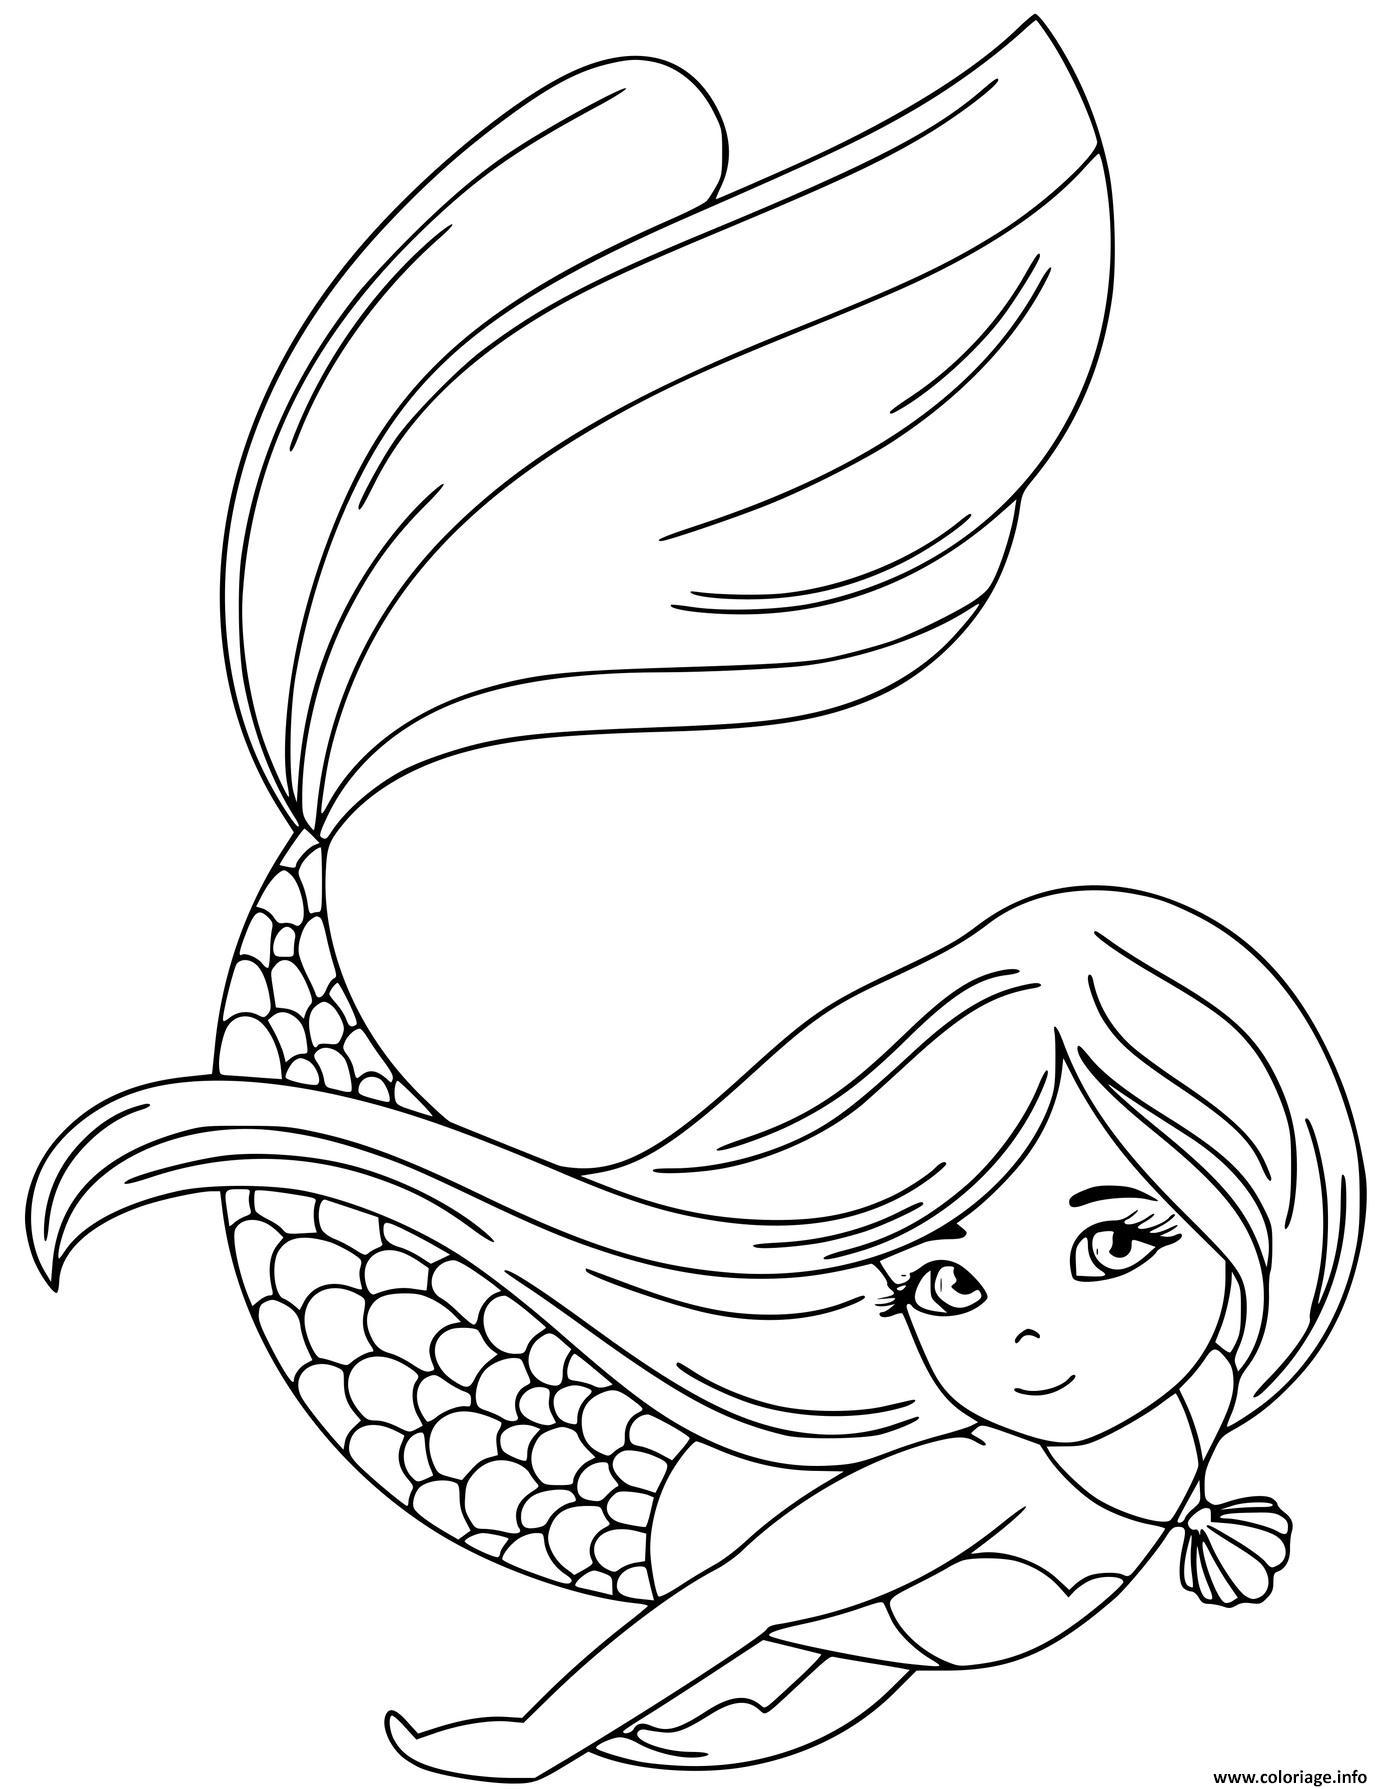 Dessin La princesse sirene nageant sous l'eau Coloriage Gratuit à Imprimer